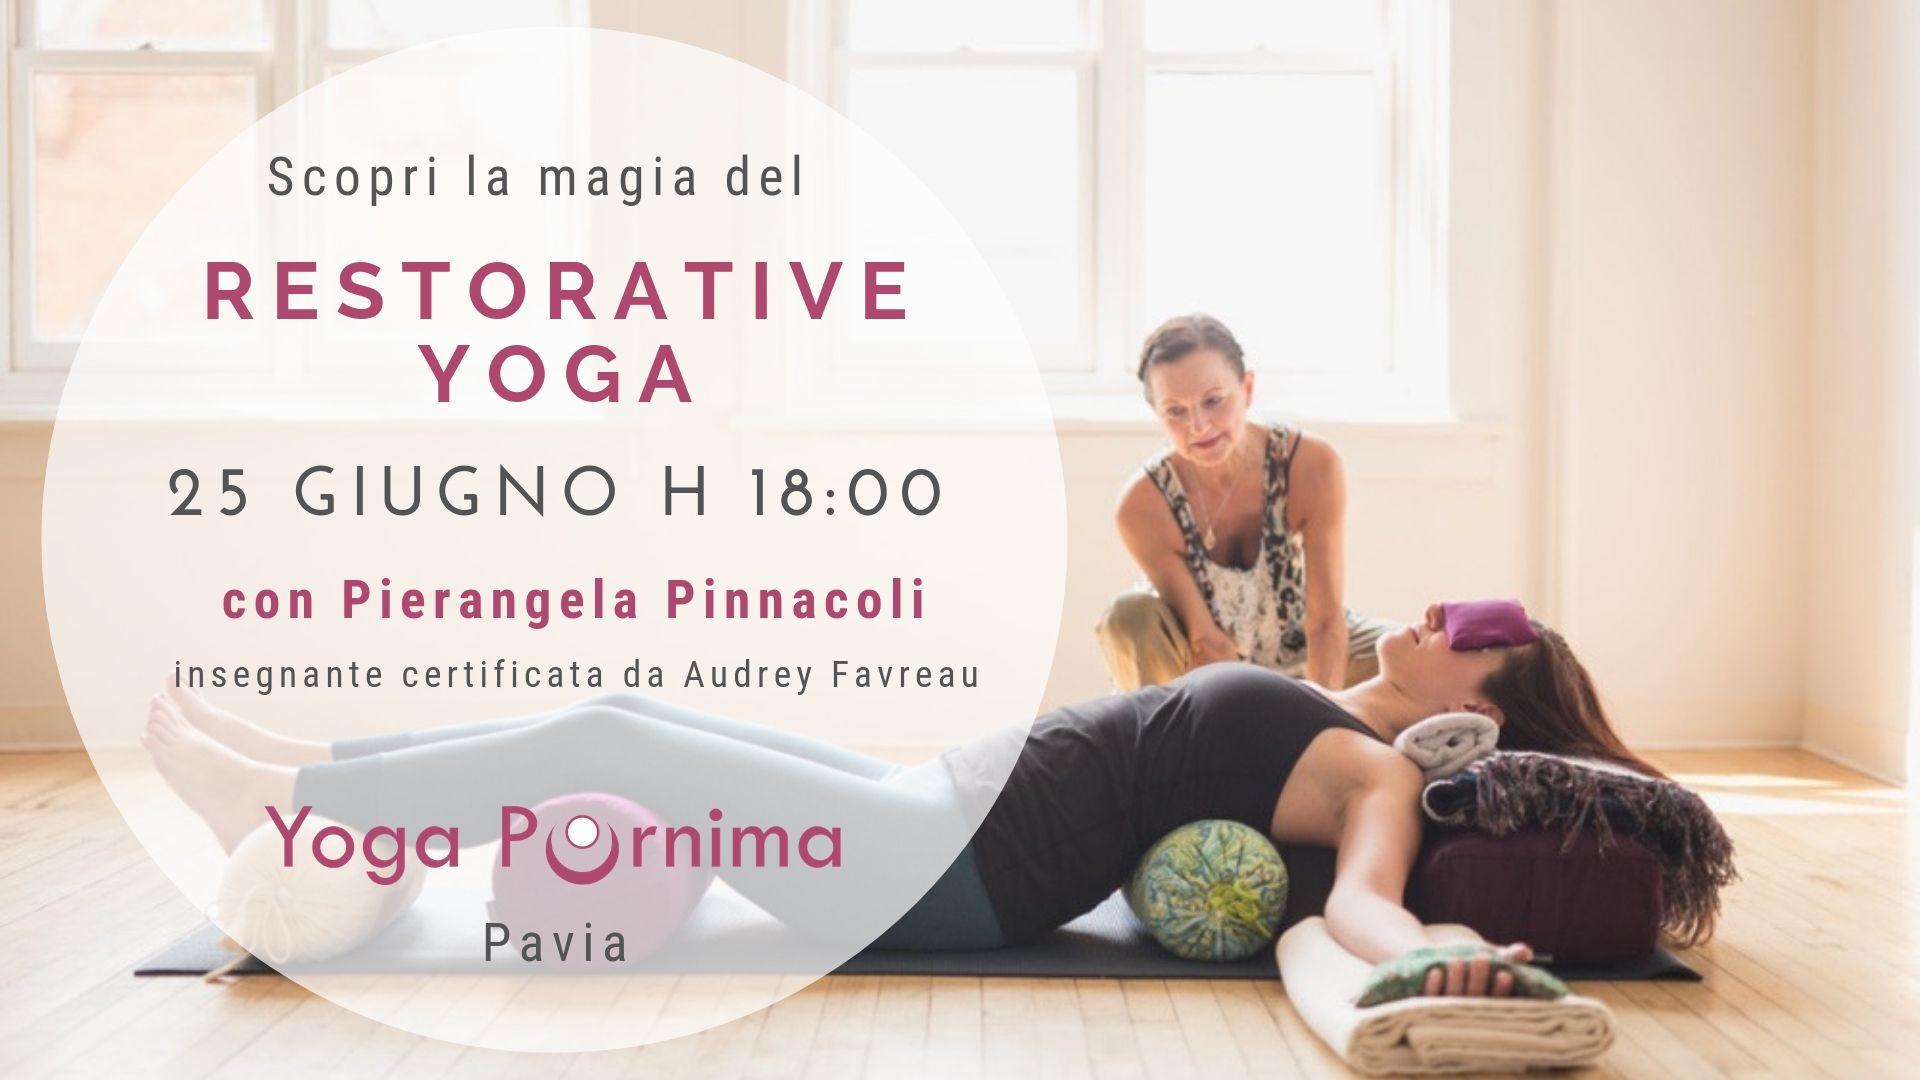 25 giugno: openday di Restorative Yoga